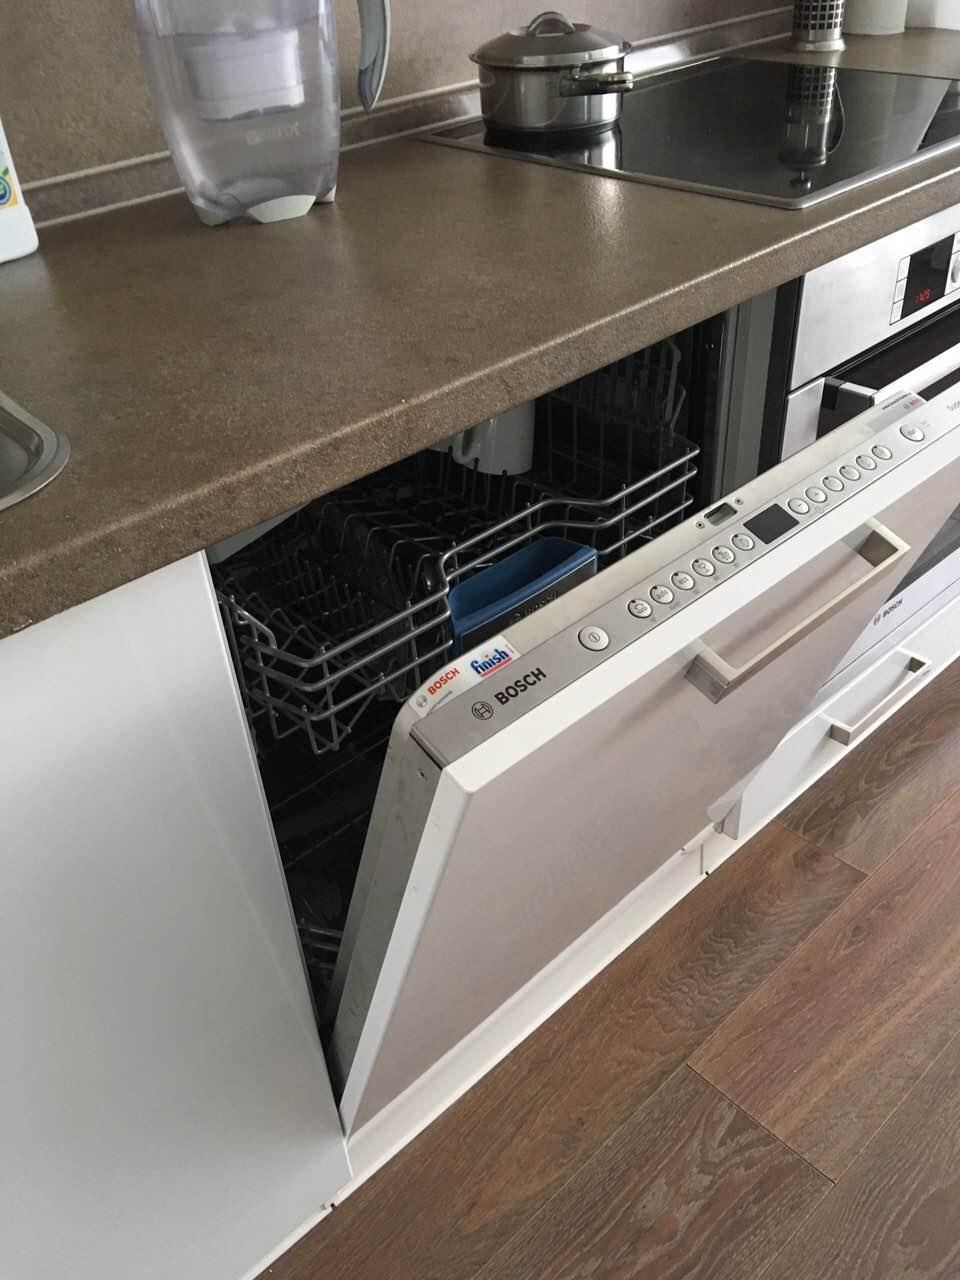 Посудомоечная машина доолжна быть установлена по всем правилам